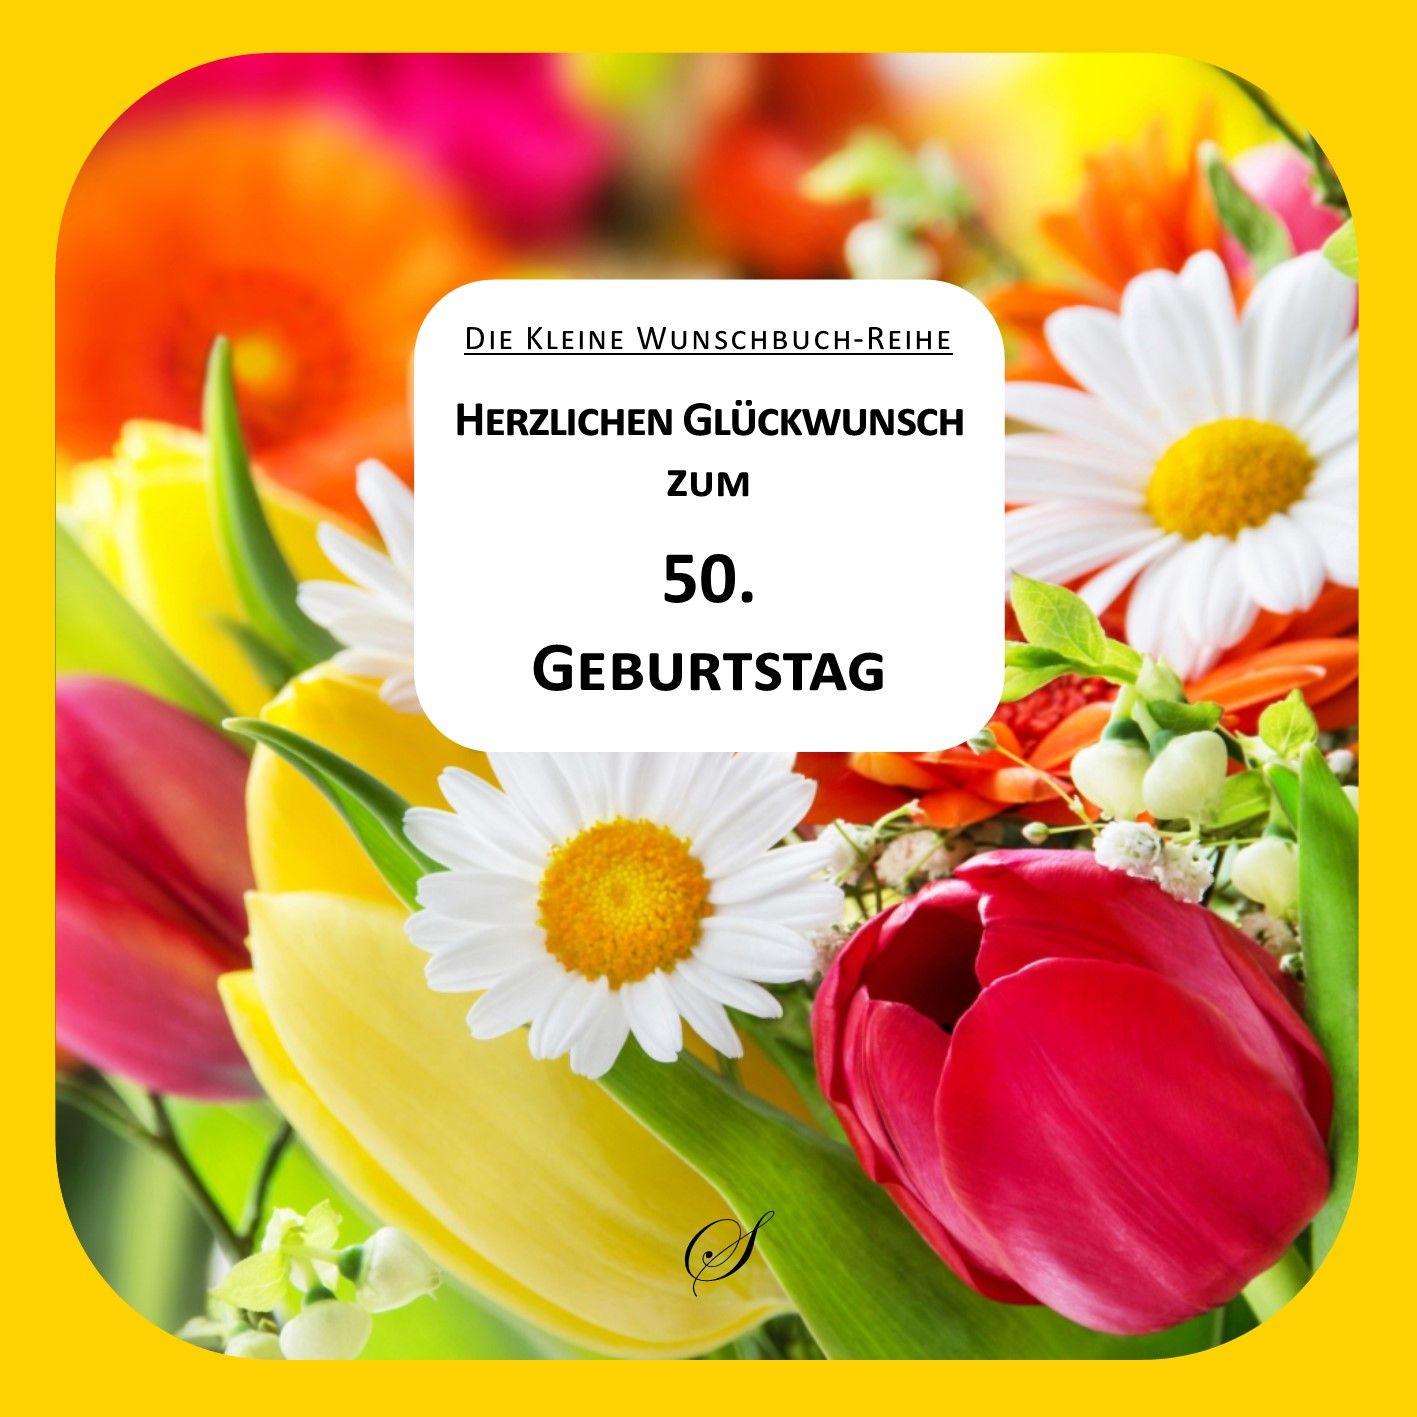 Herzlichen Gluckwunsch Zum 50 Geburtstag Von Gussmann Gotz